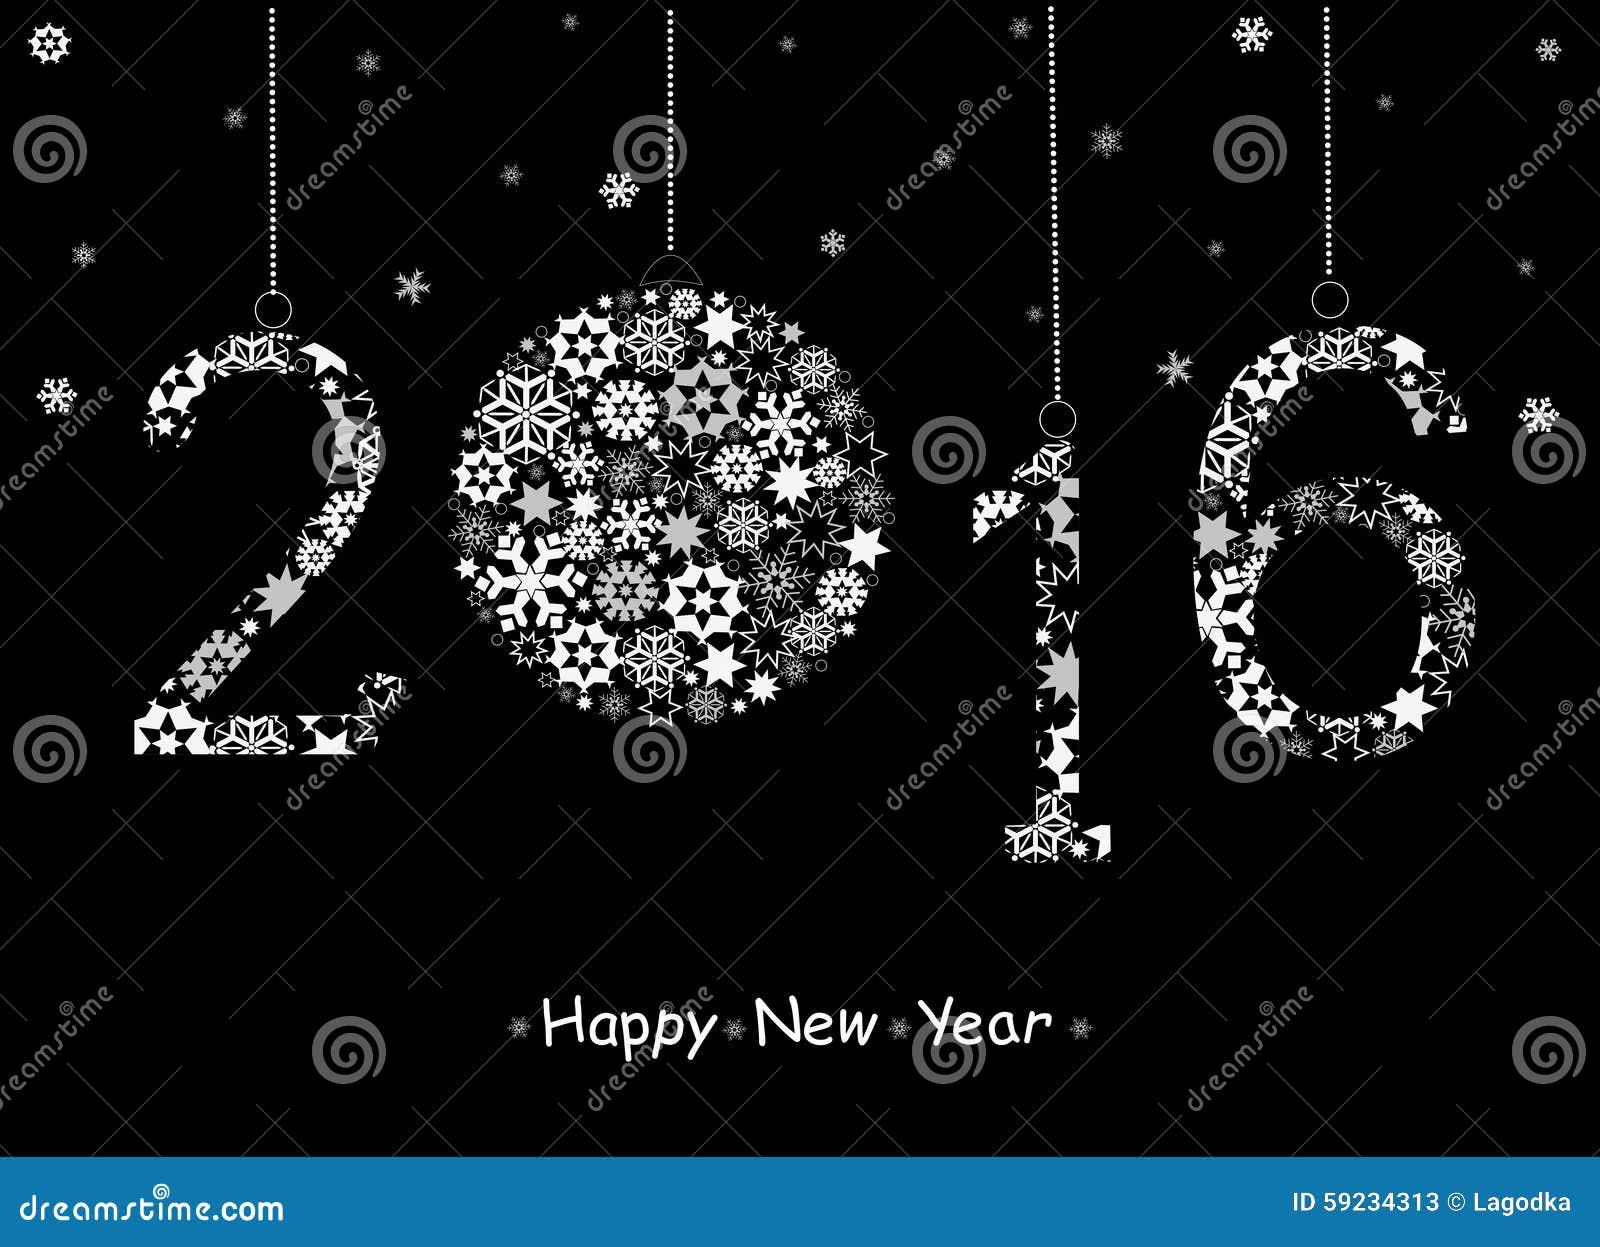 Tarjeta 2016 de felicitación de la Feliz Año Nuevo